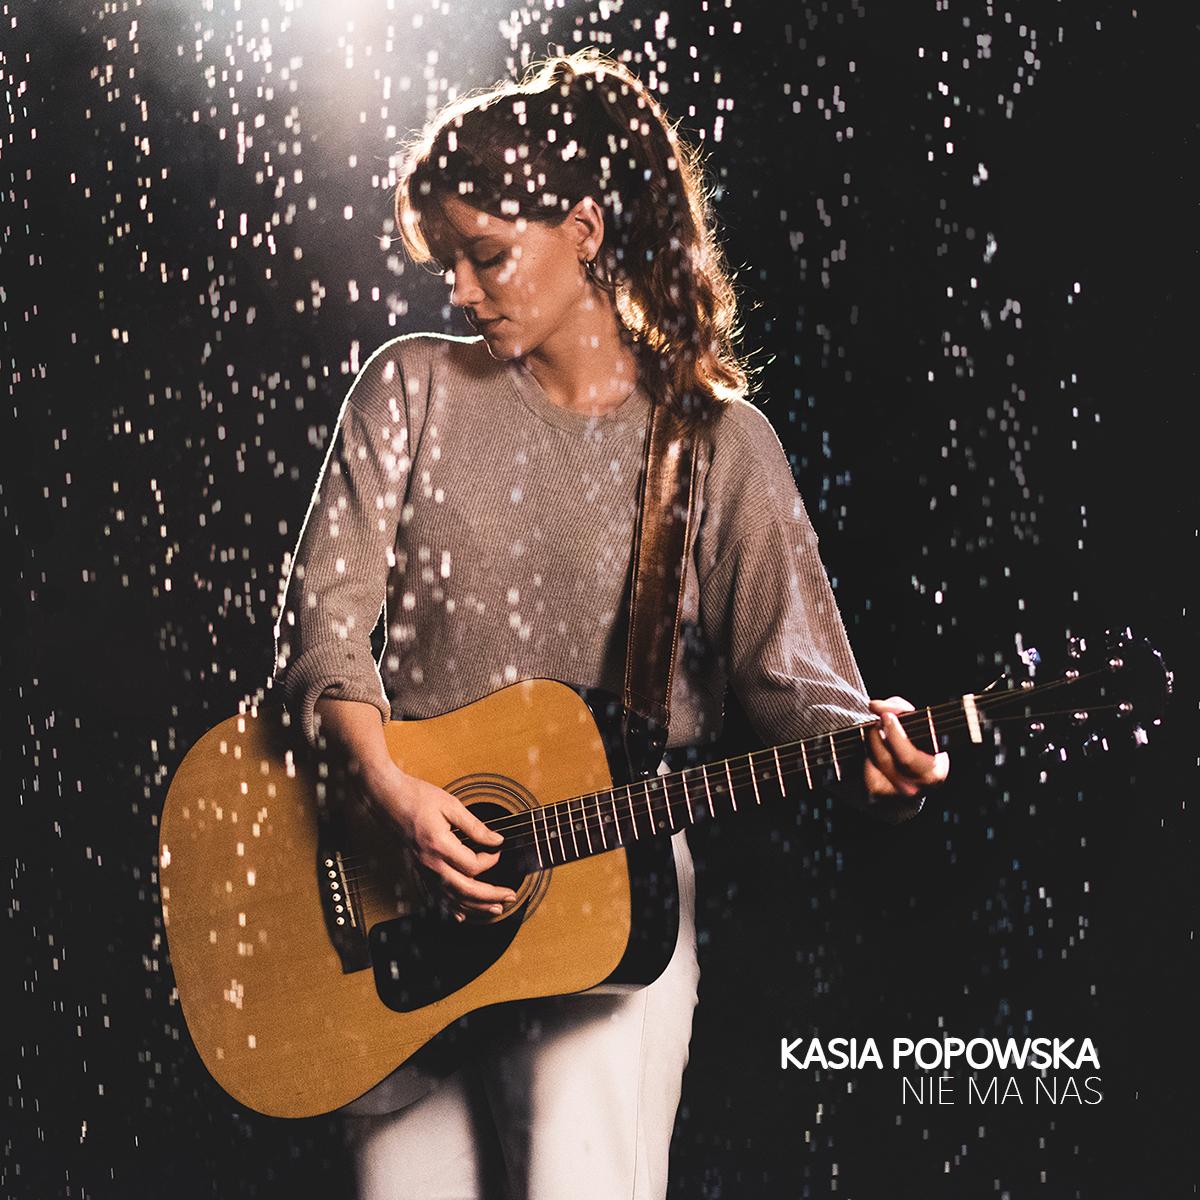 Kasia Popowska - premiera singla Nie ma nas